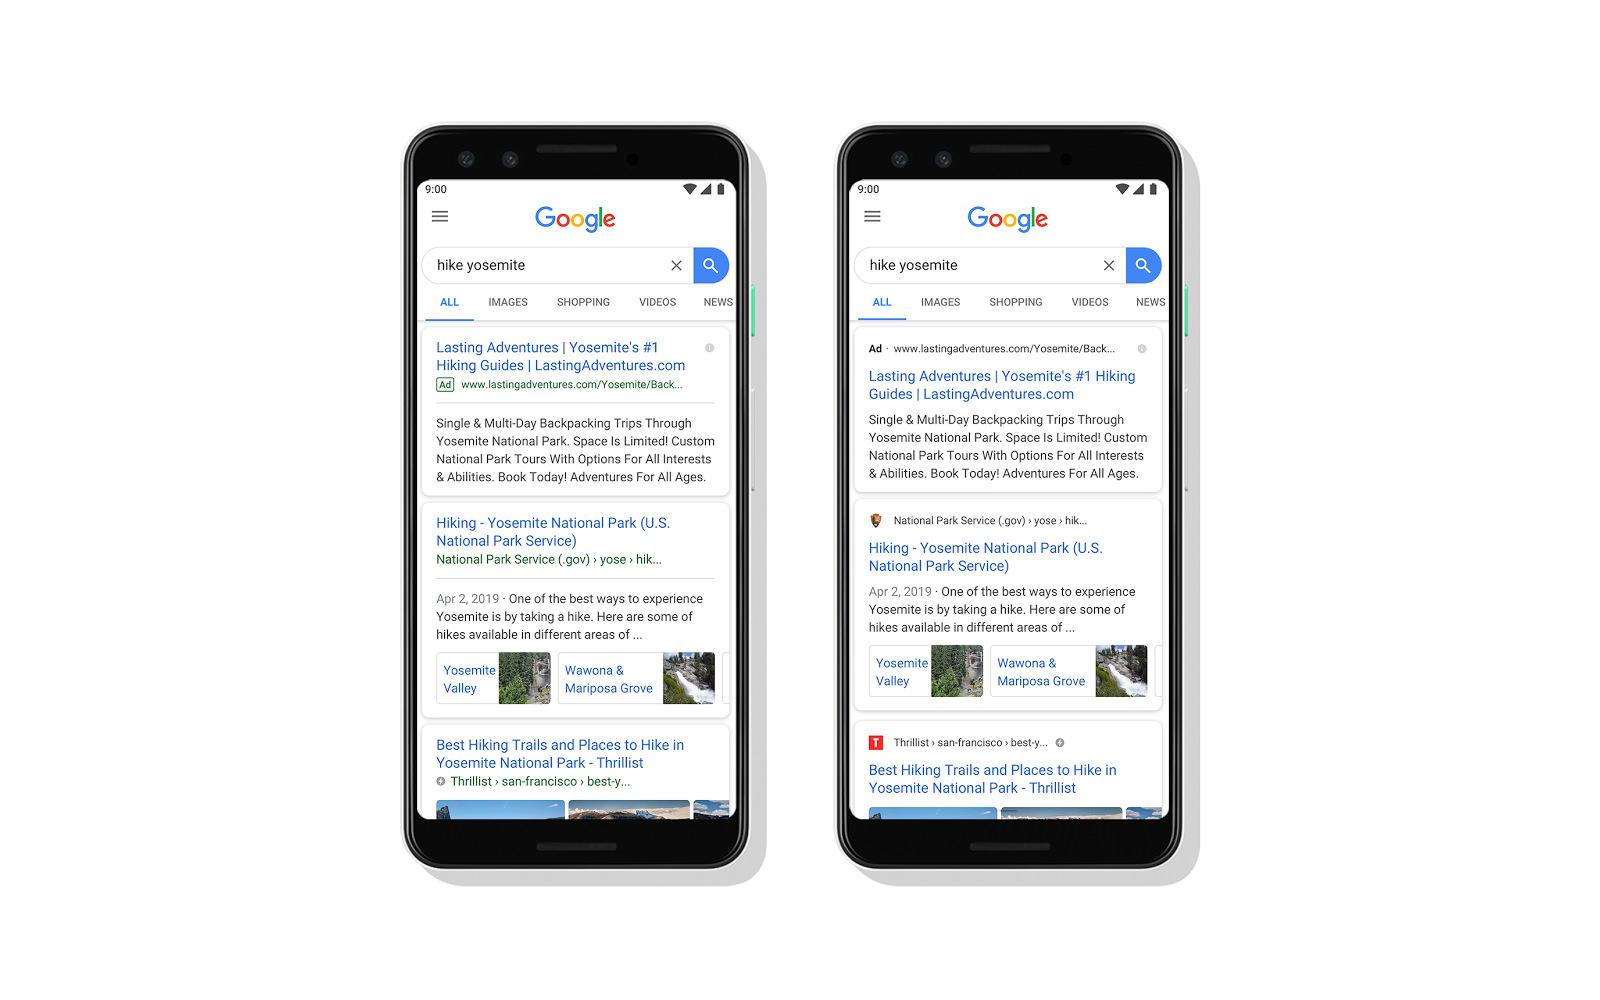 Google-New-Design-for-Mobile.jpg